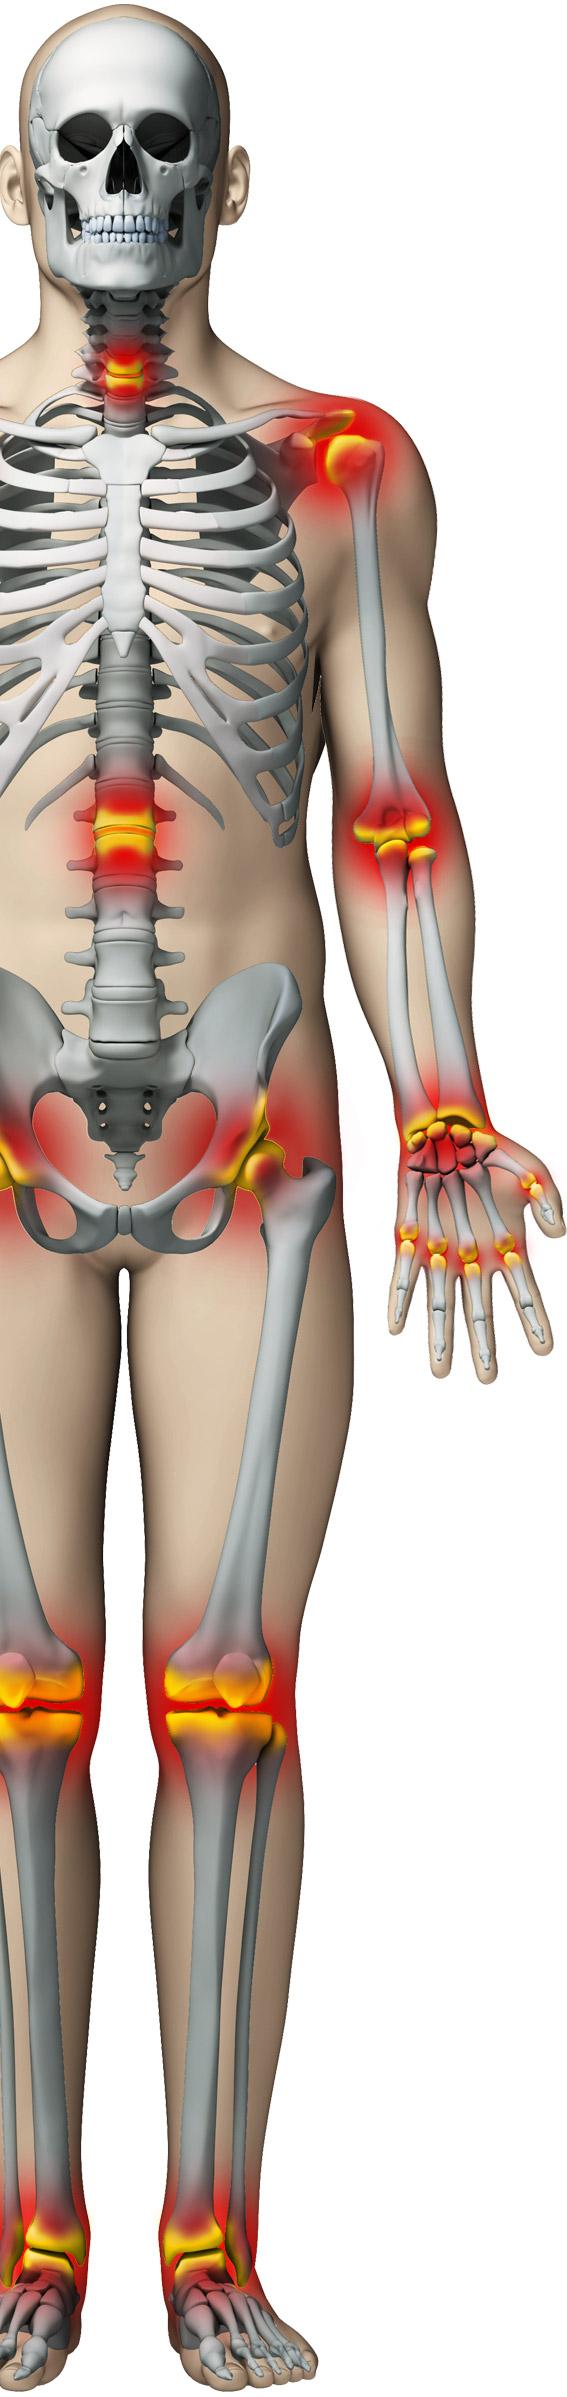 Când scârţâie articulaţiile Scârțâie în articulațiile degetelor fără durere